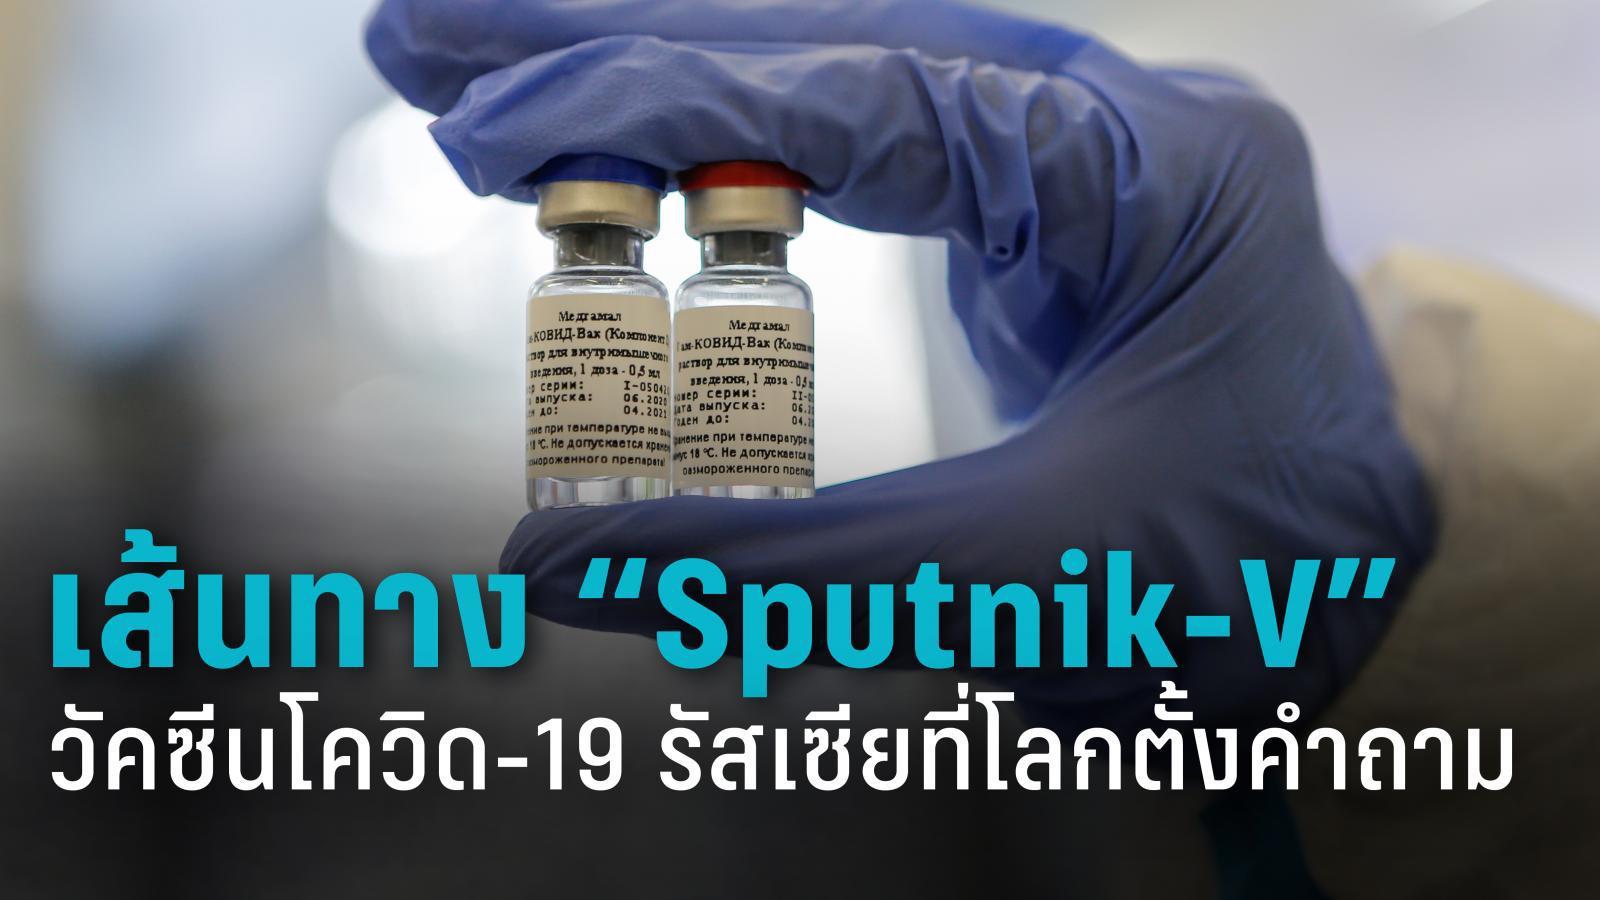 """เส้นทาง """"Sputnik-V"""" วัคซีนโควิด-19 ที่ทั้งโลกกังขา"""